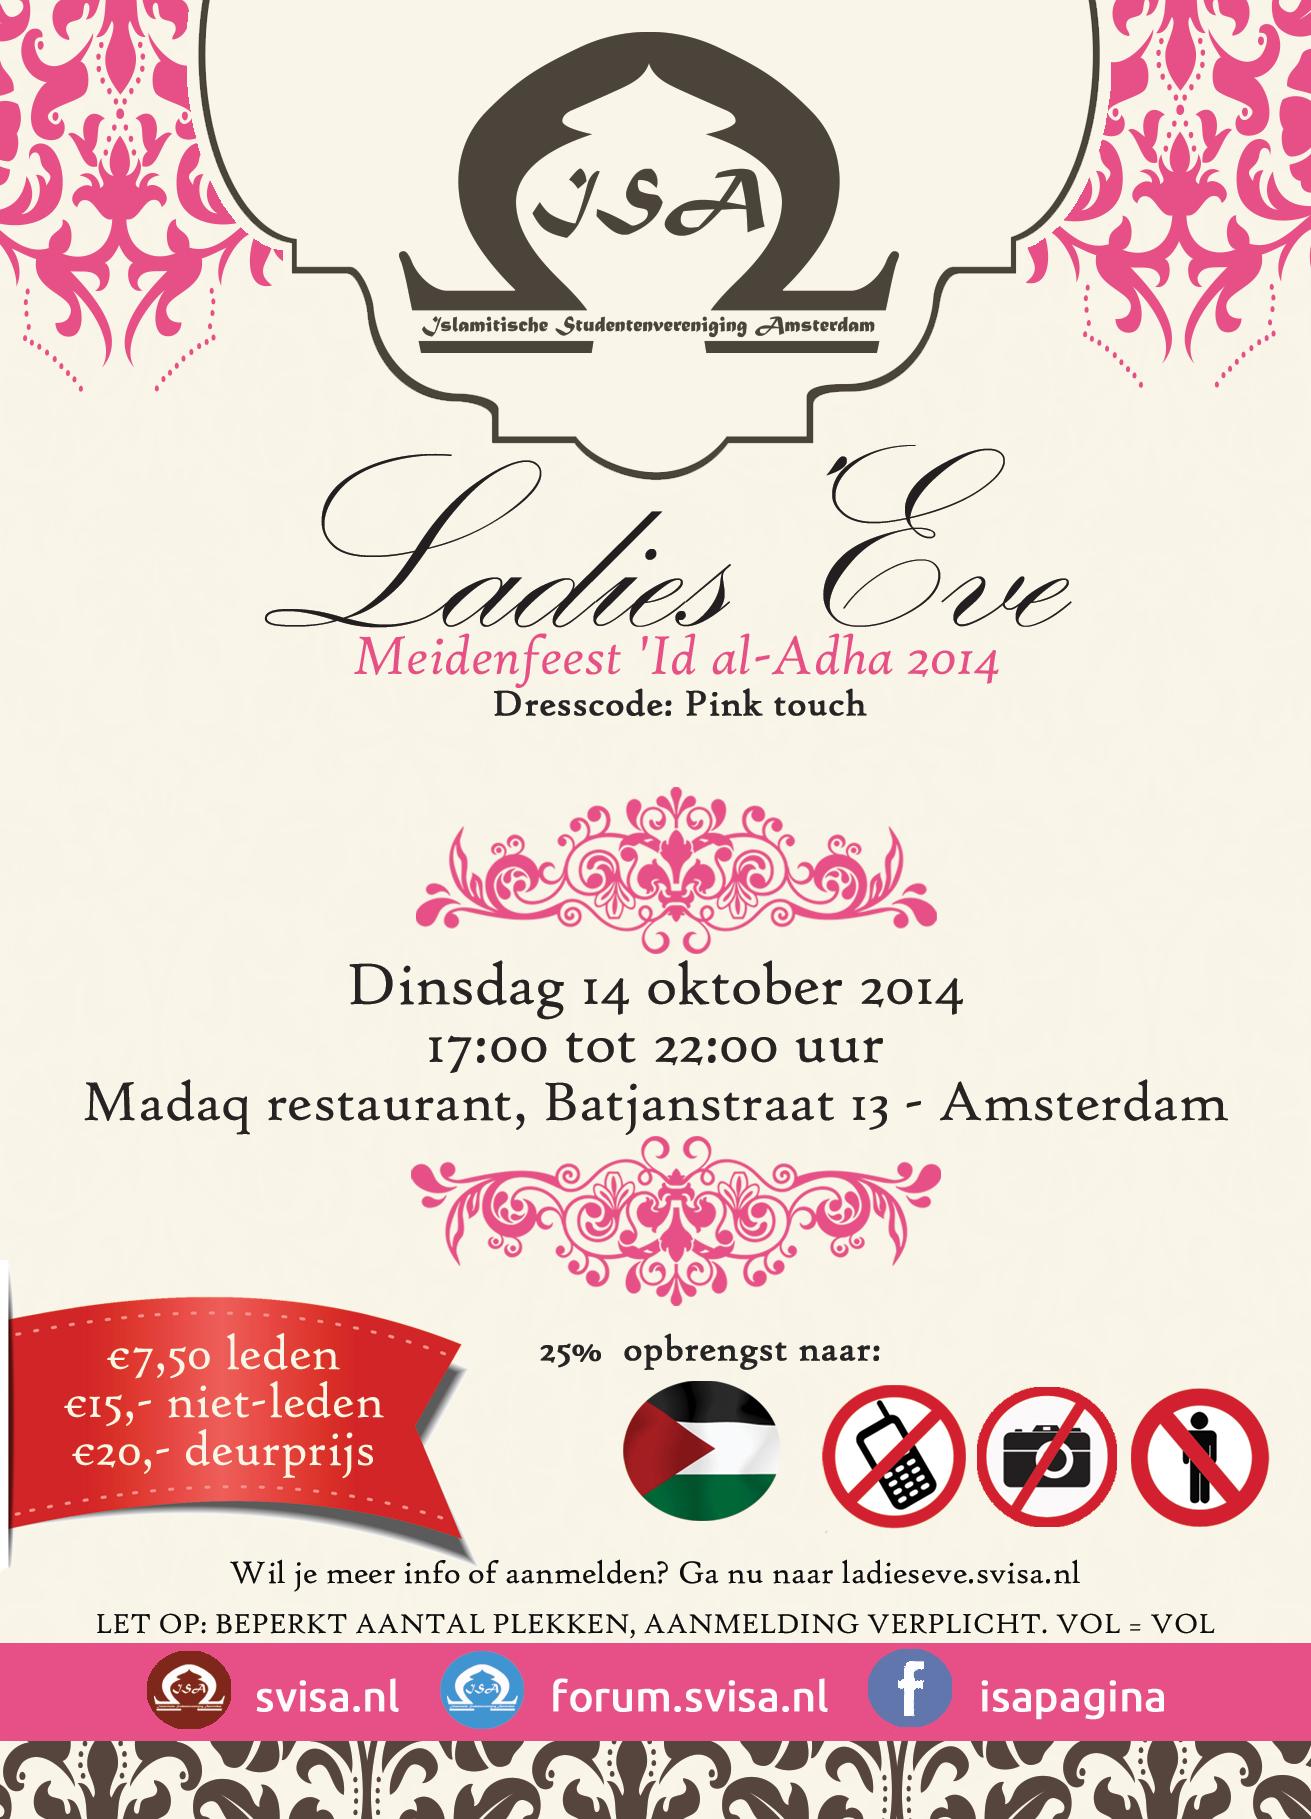 Ladies' Eve 2014: Meidenfeest 'Id al-Adha